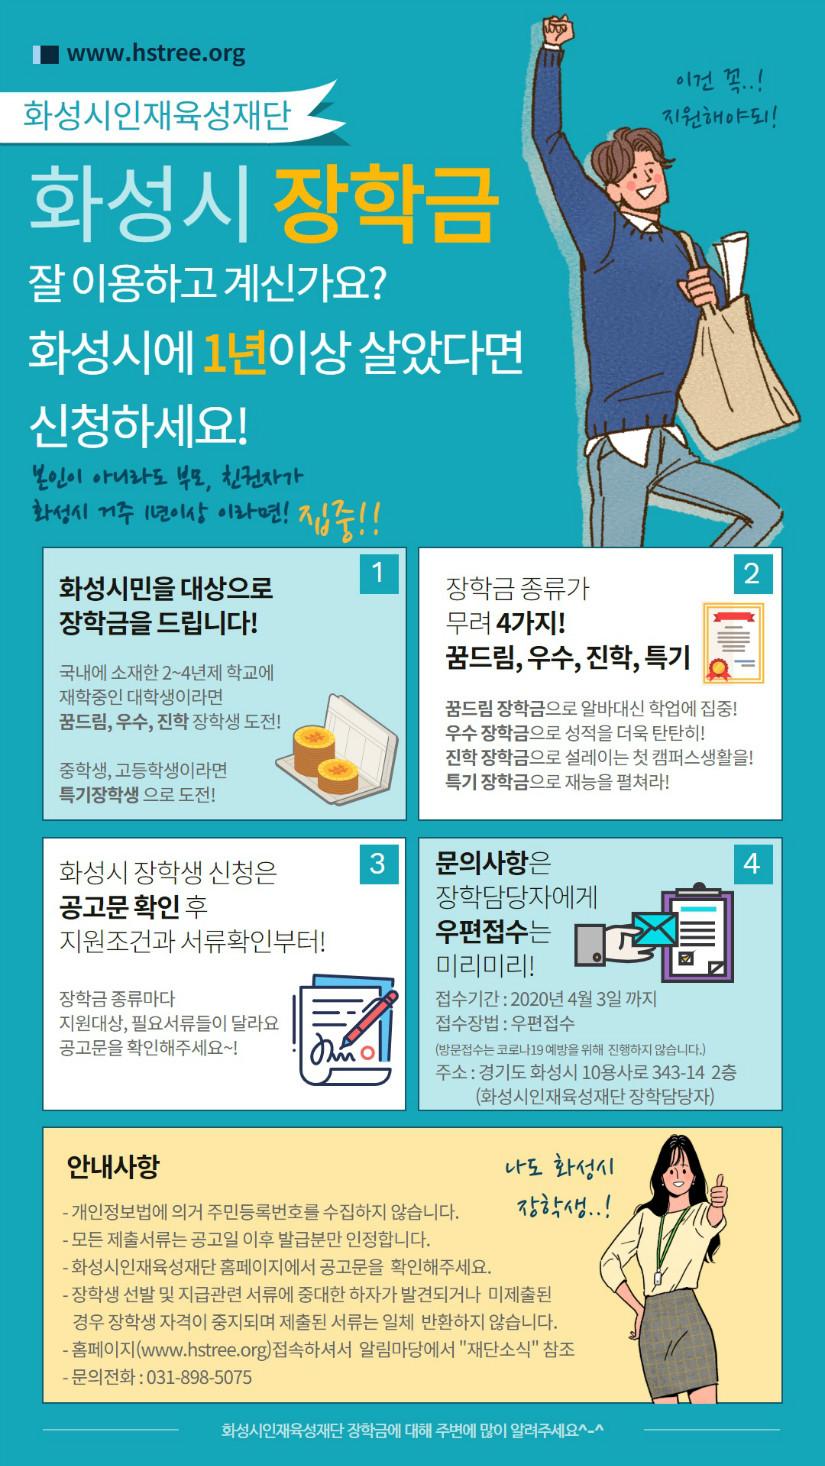 [붙임3]장학사업 홍보 포스터.jpg